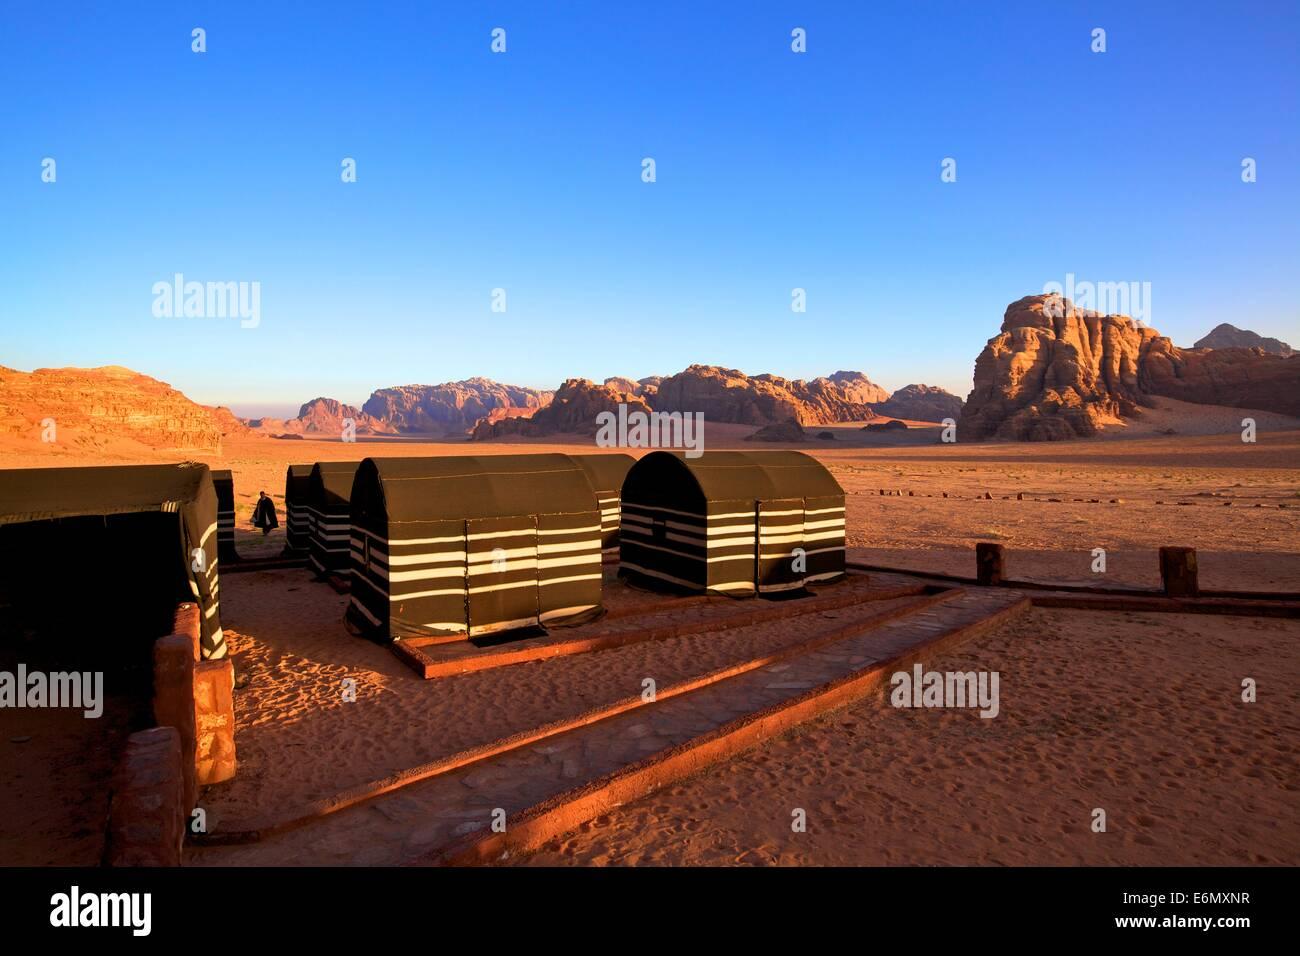 Campamento de beduinos, Wadi Rum, Jordania, Oriente Medio Imagen De Stock